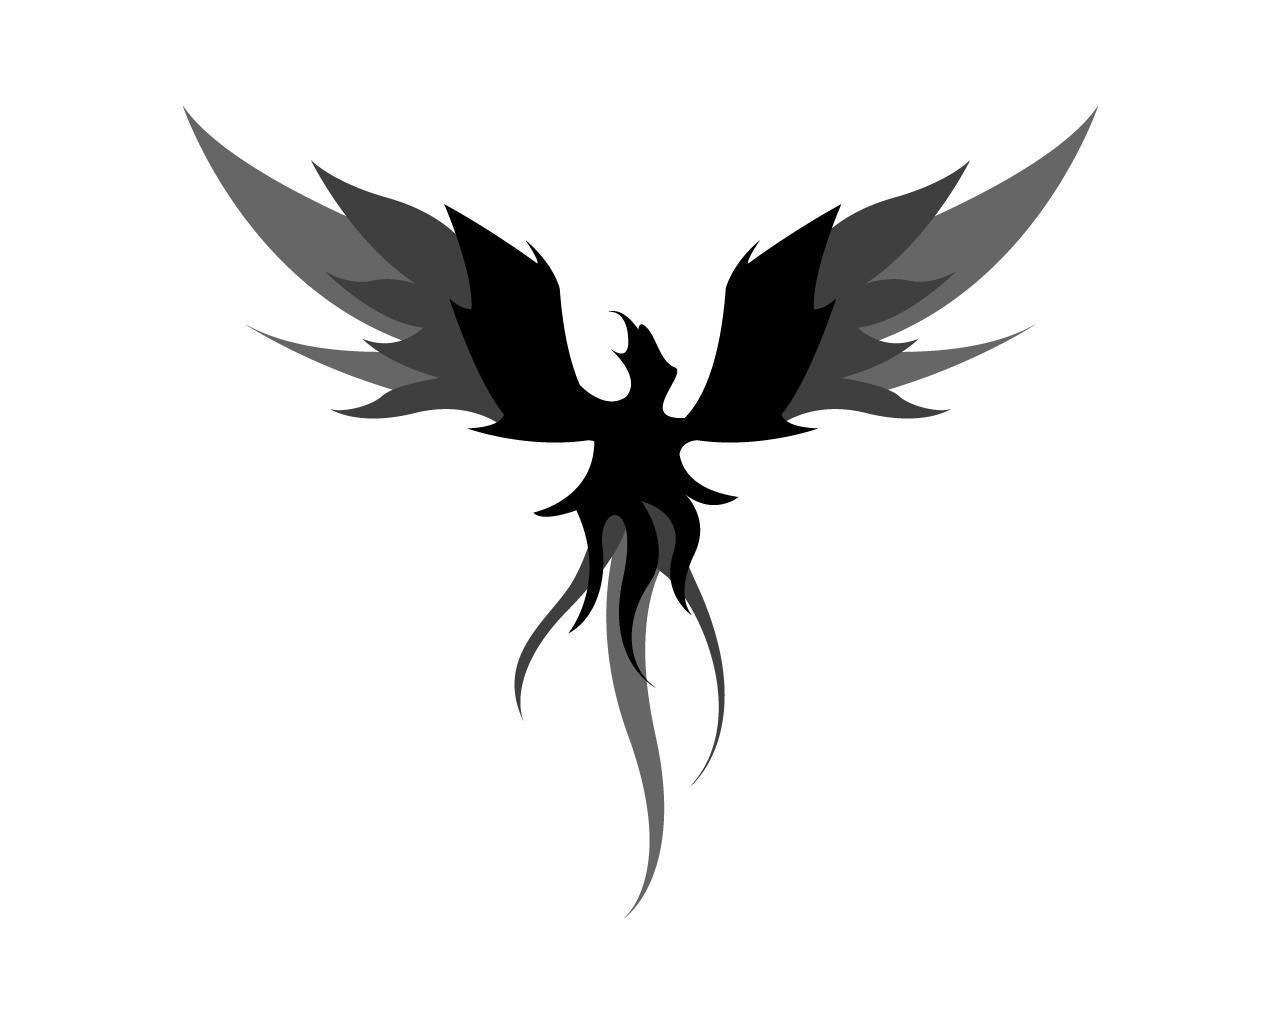 Phoenix tattoo for men - Black Ink Phoenix Tattoo Design By Clemjutsu